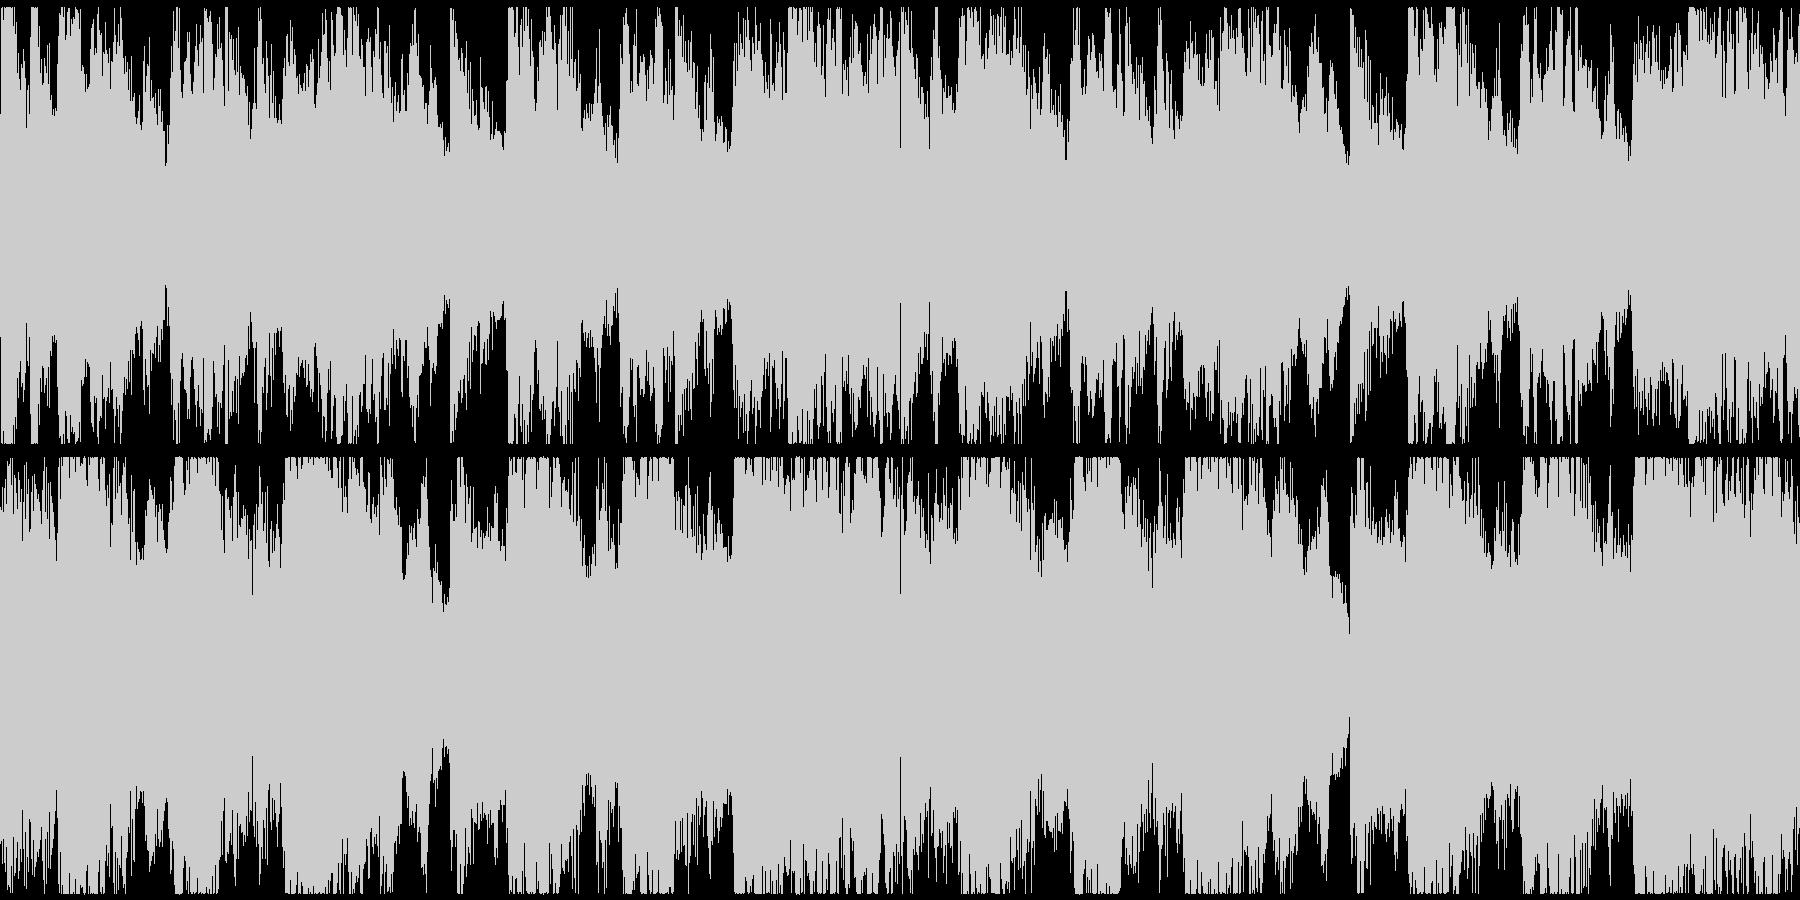 恐怖をイメージしたBGM(ループ)の未再生の波形